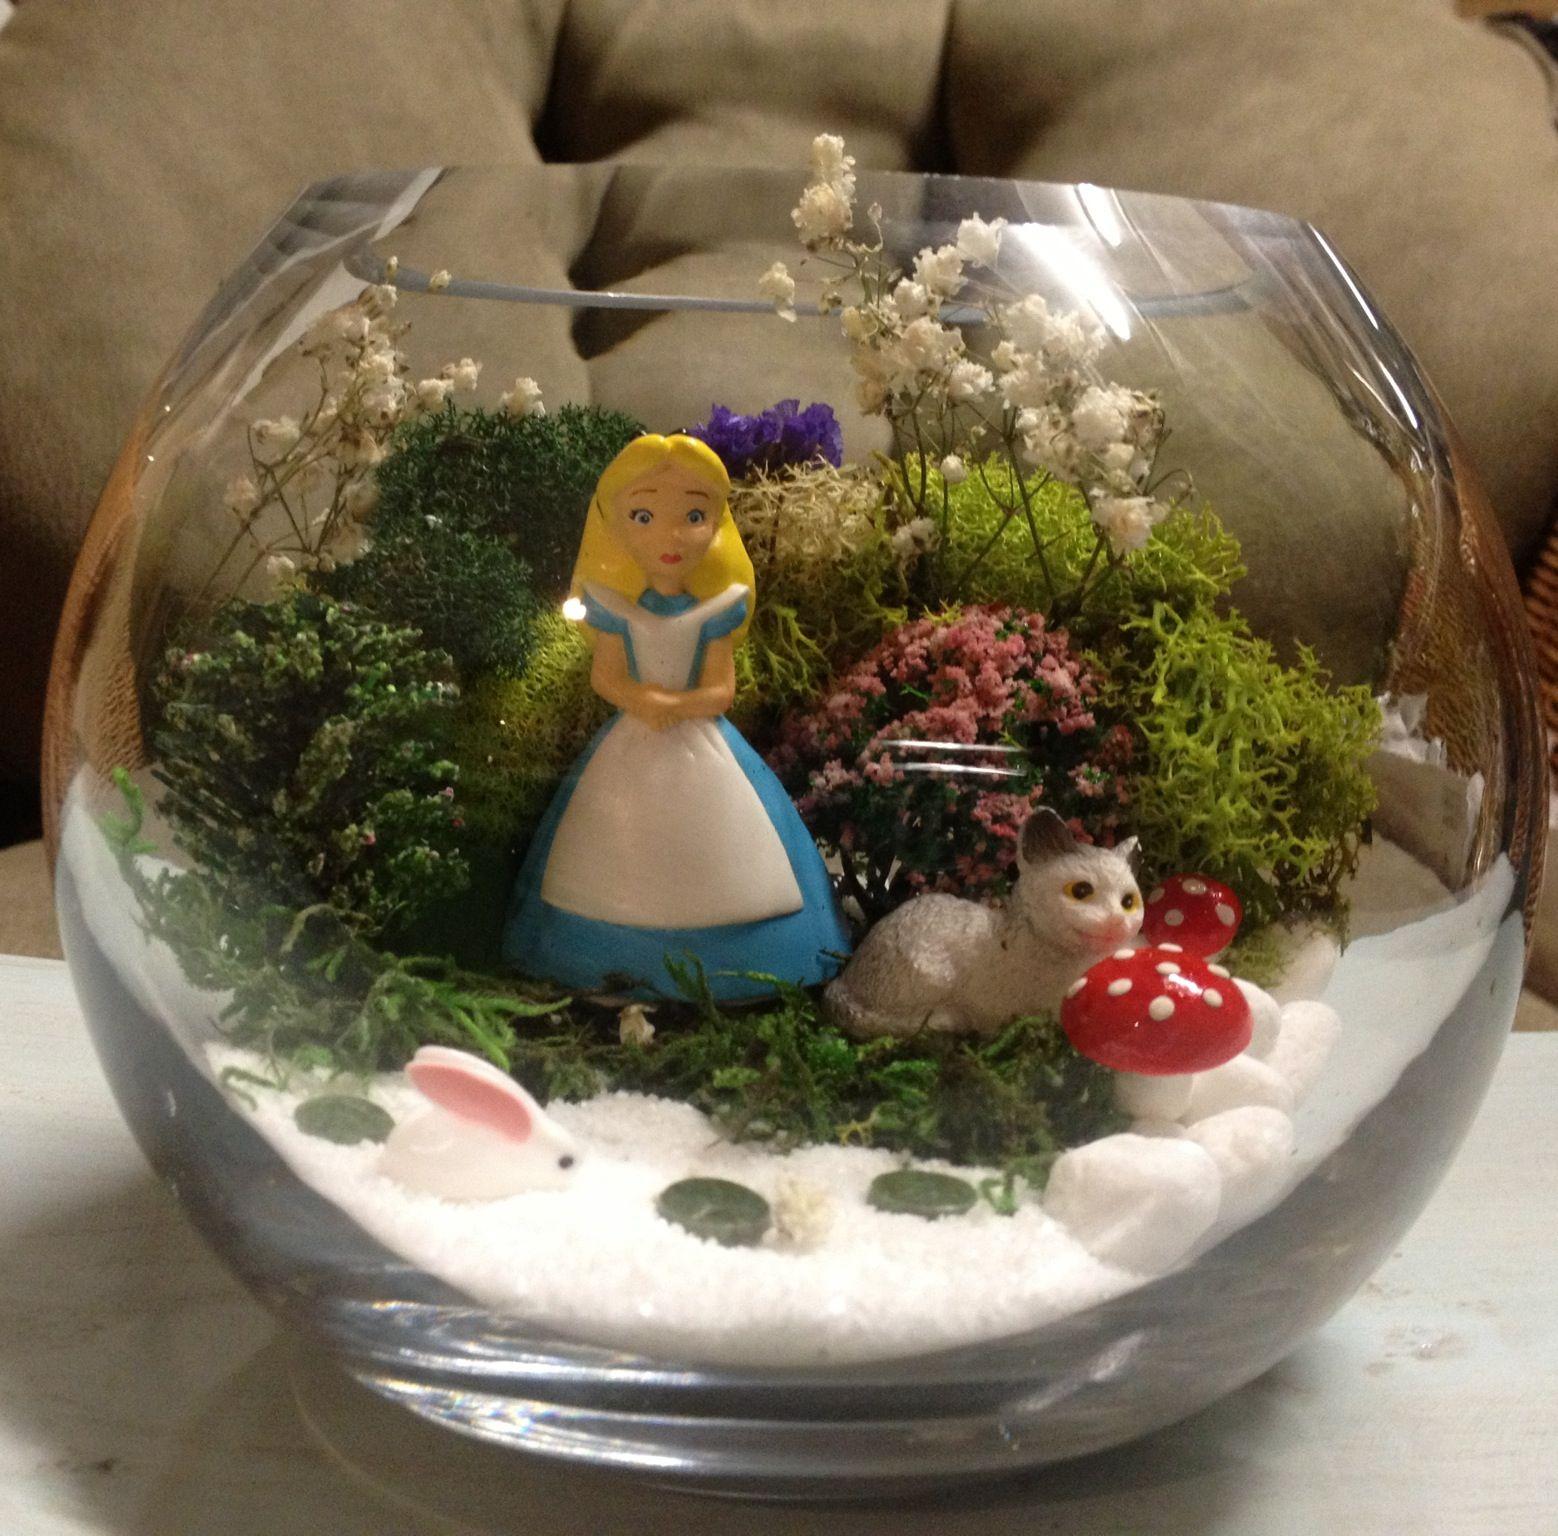 Alice in wonderland alice in wonderland wonderland alice in wonderland alice for Alice in wonderland fairy garden